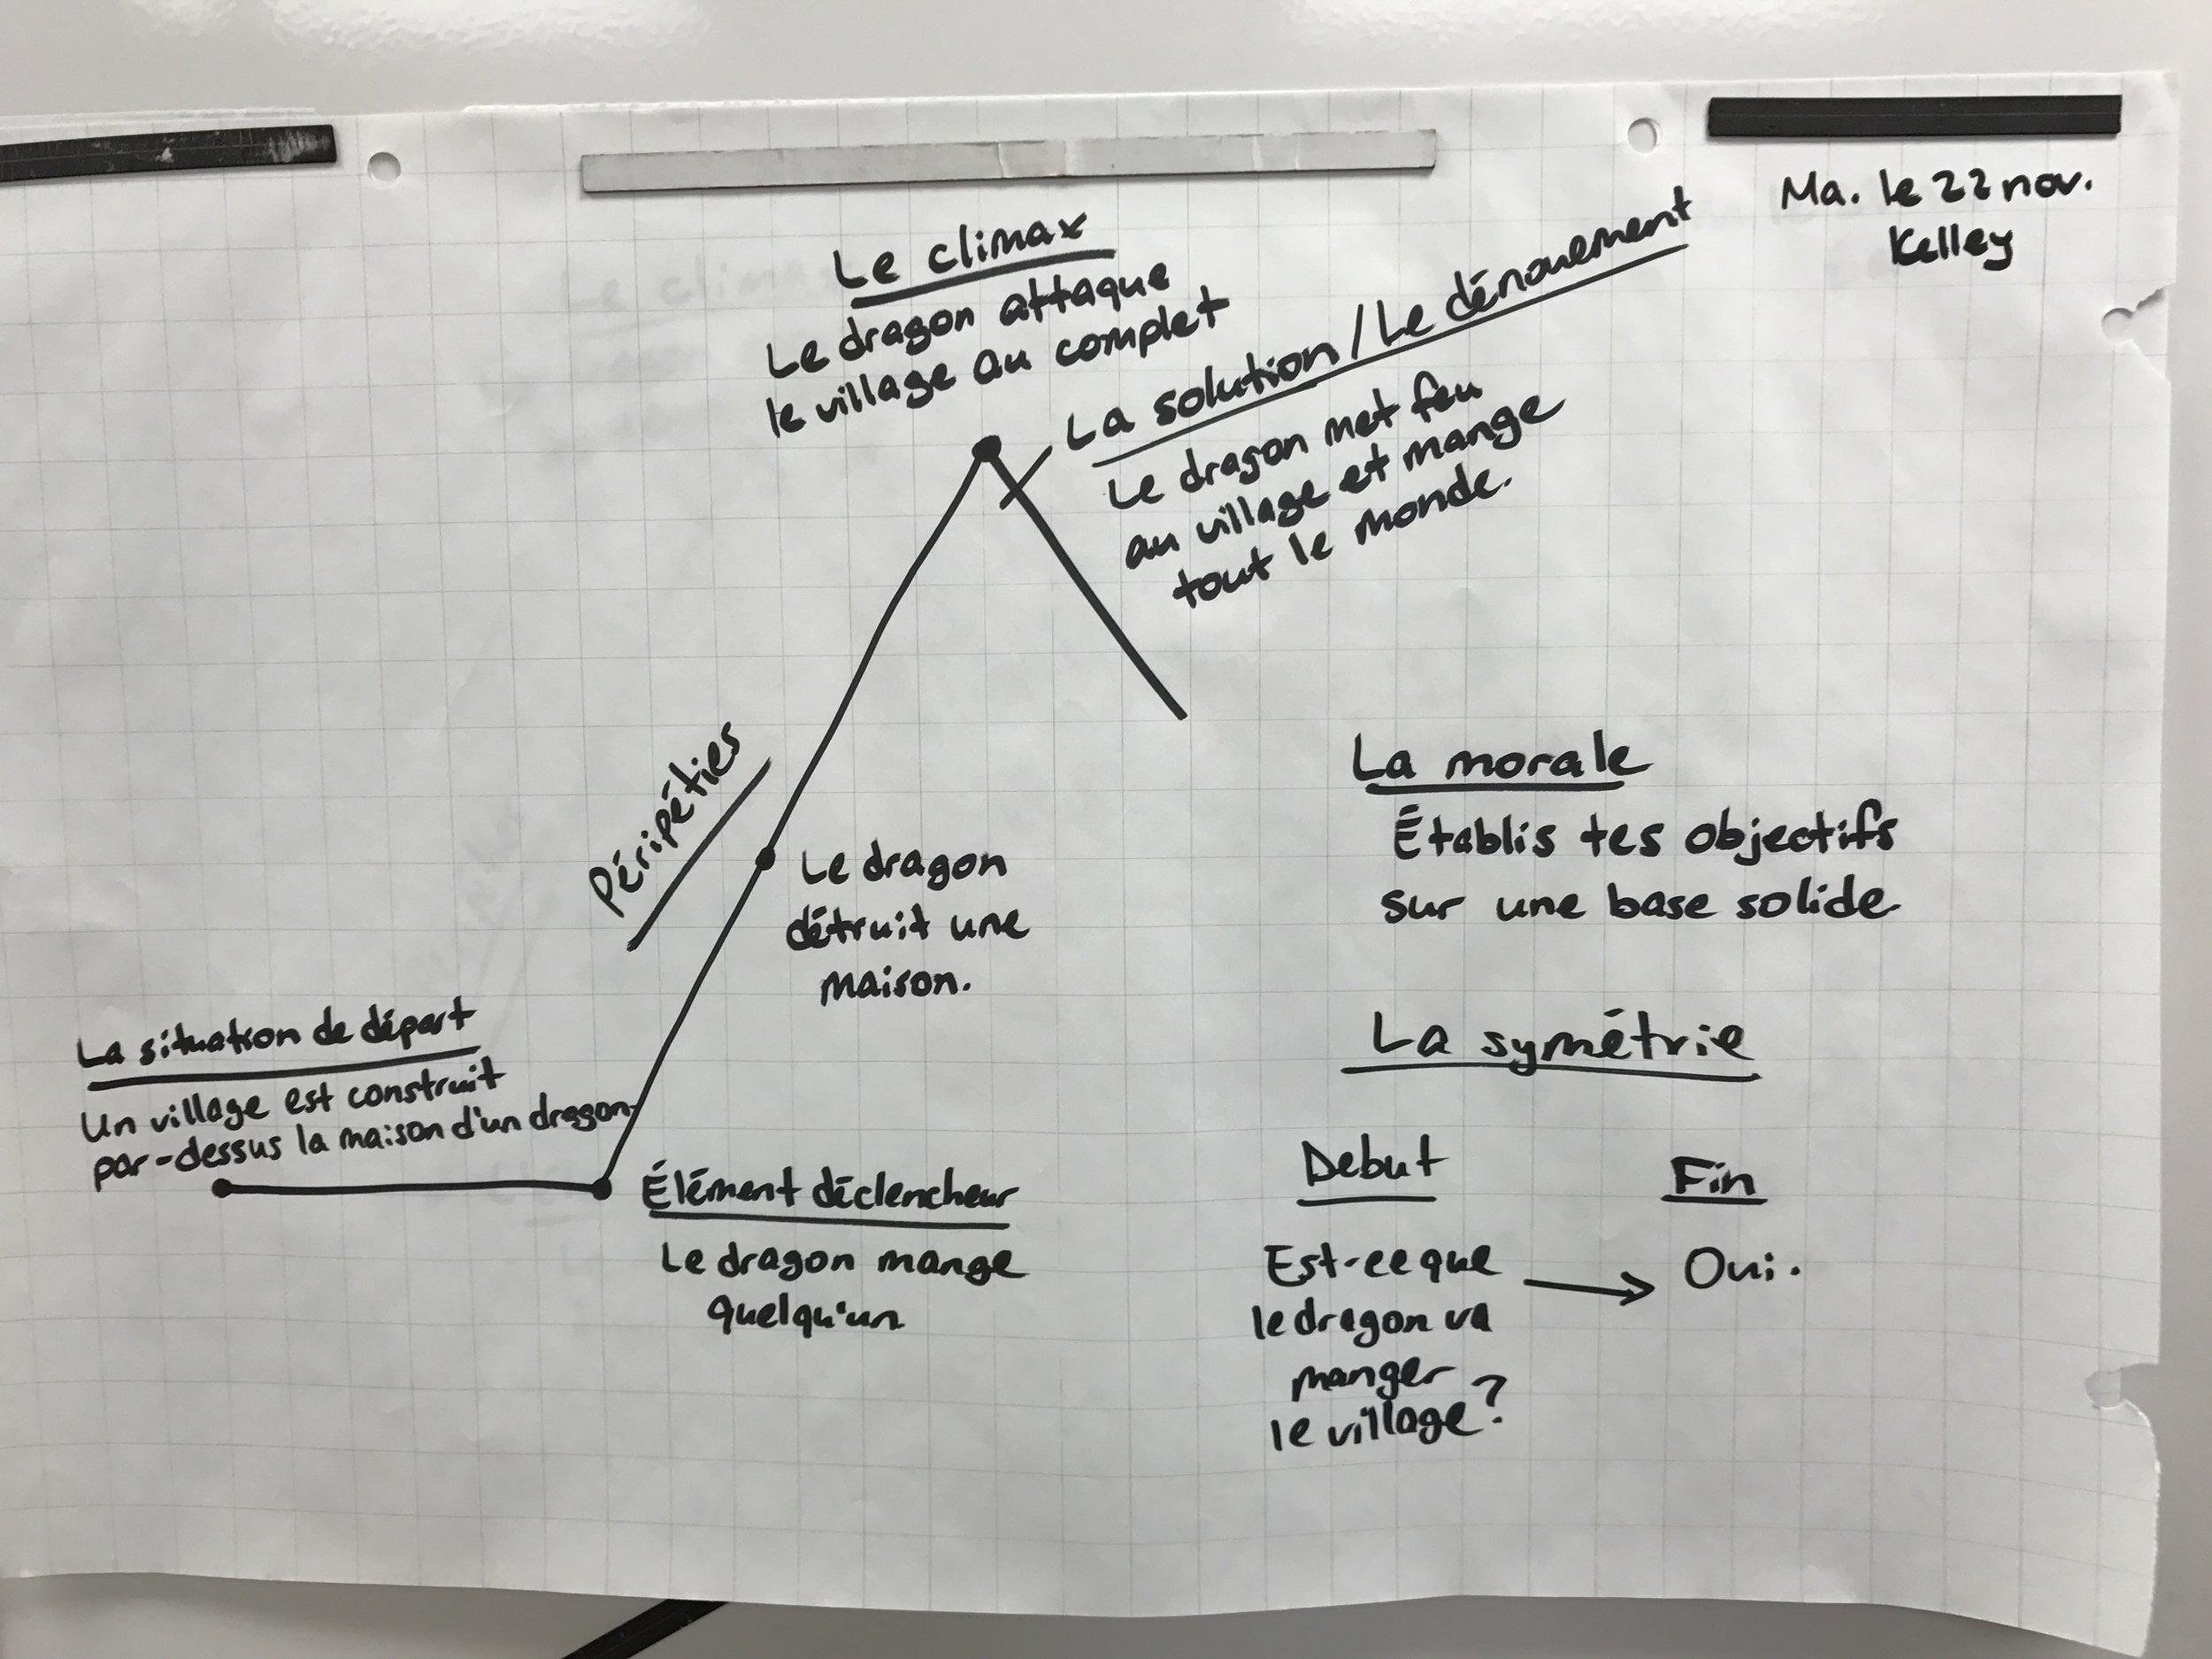 2016-11-22-c3a9crire-un-conte-organisateur-graphique-kelley.jpg